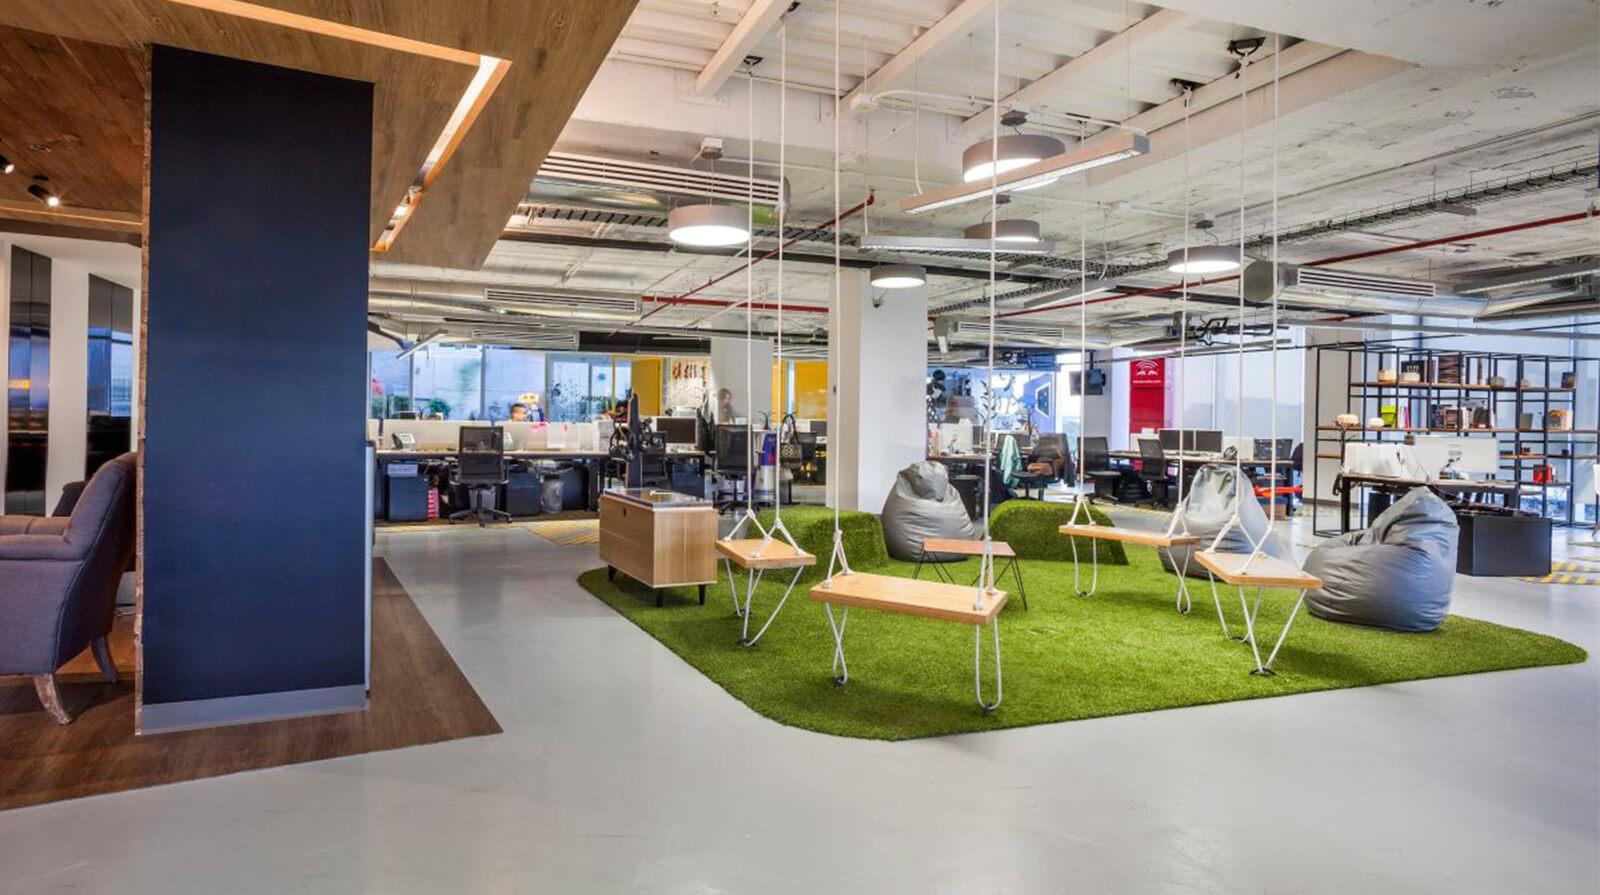 Phong cách nội thất văn phòng eco và những đặc trưng cơ bản